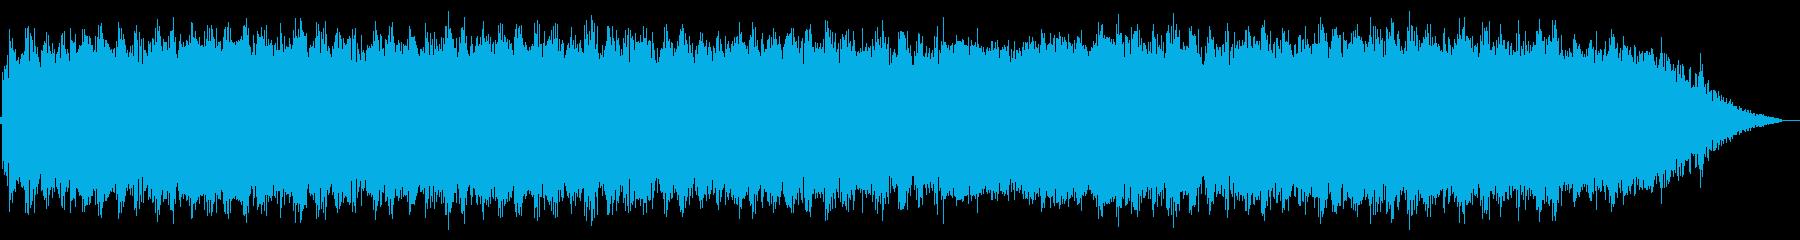 ゆったりとした風の笛の音楽の再生済みの波形